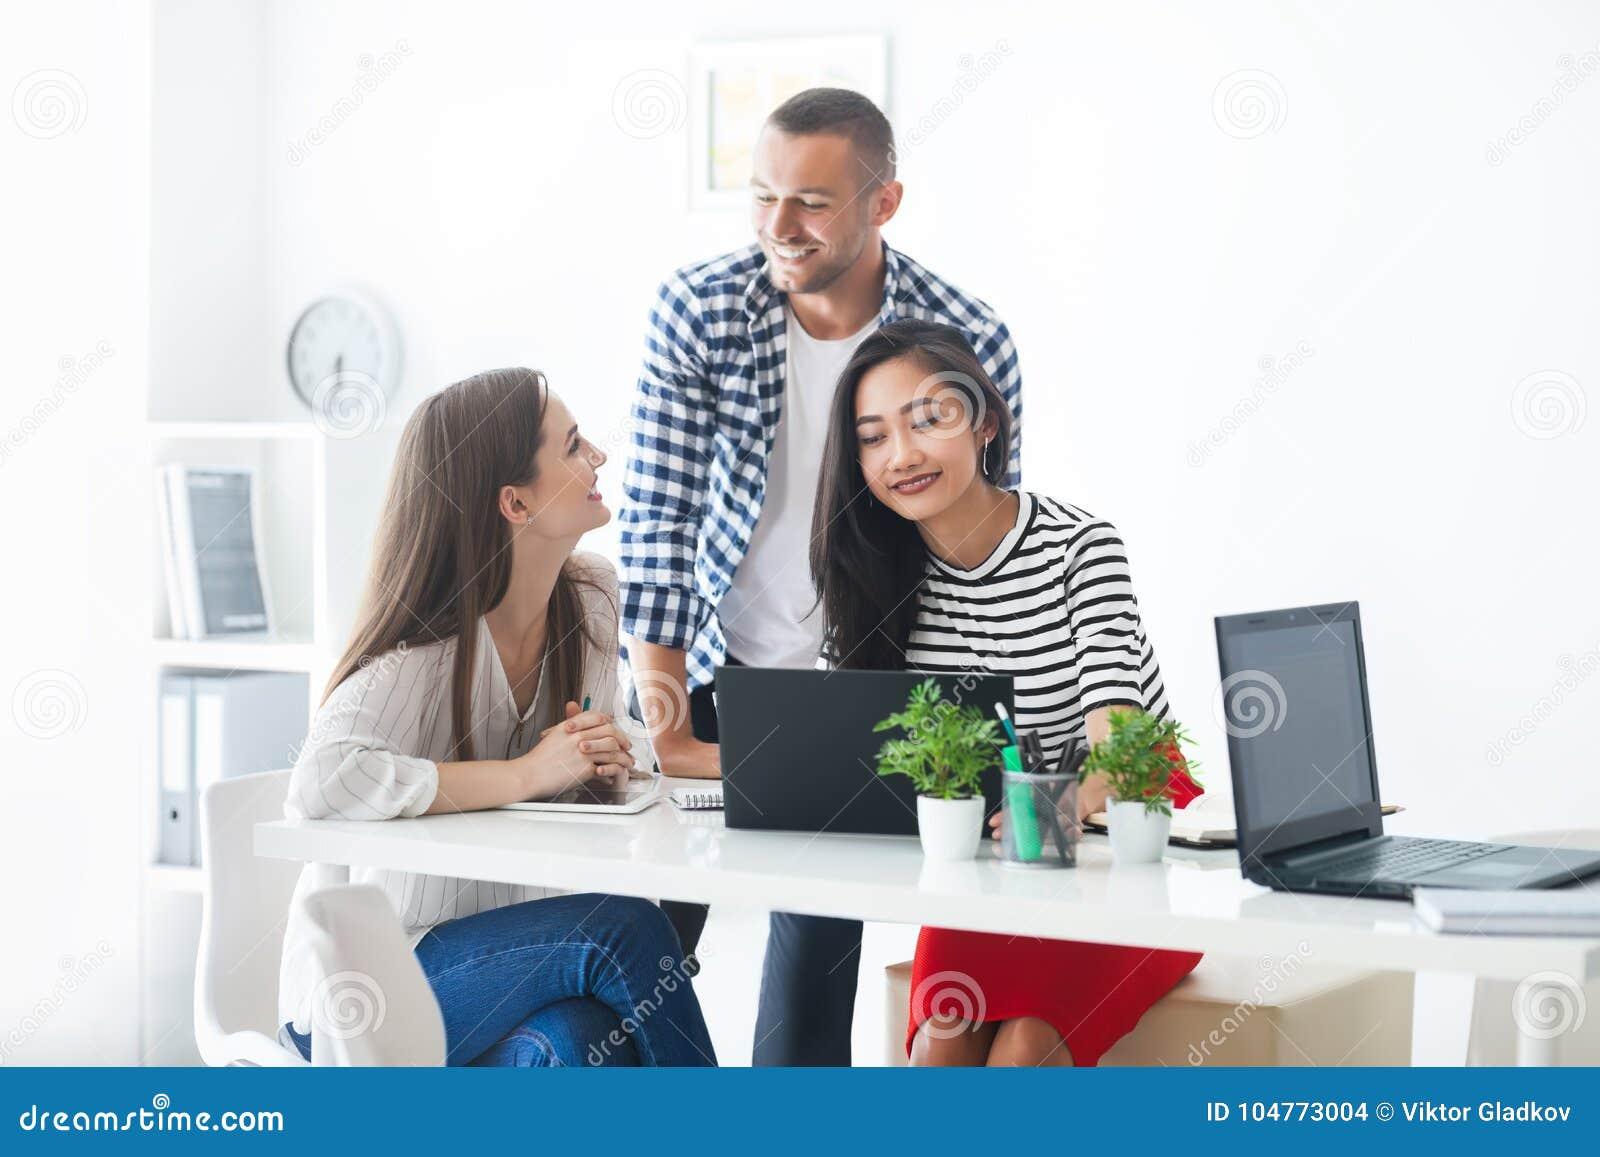 Χαμογελώντας επιχειρηματίες που μοιράζονται τις ιδέες τους στο σύγχρονο γραφείο